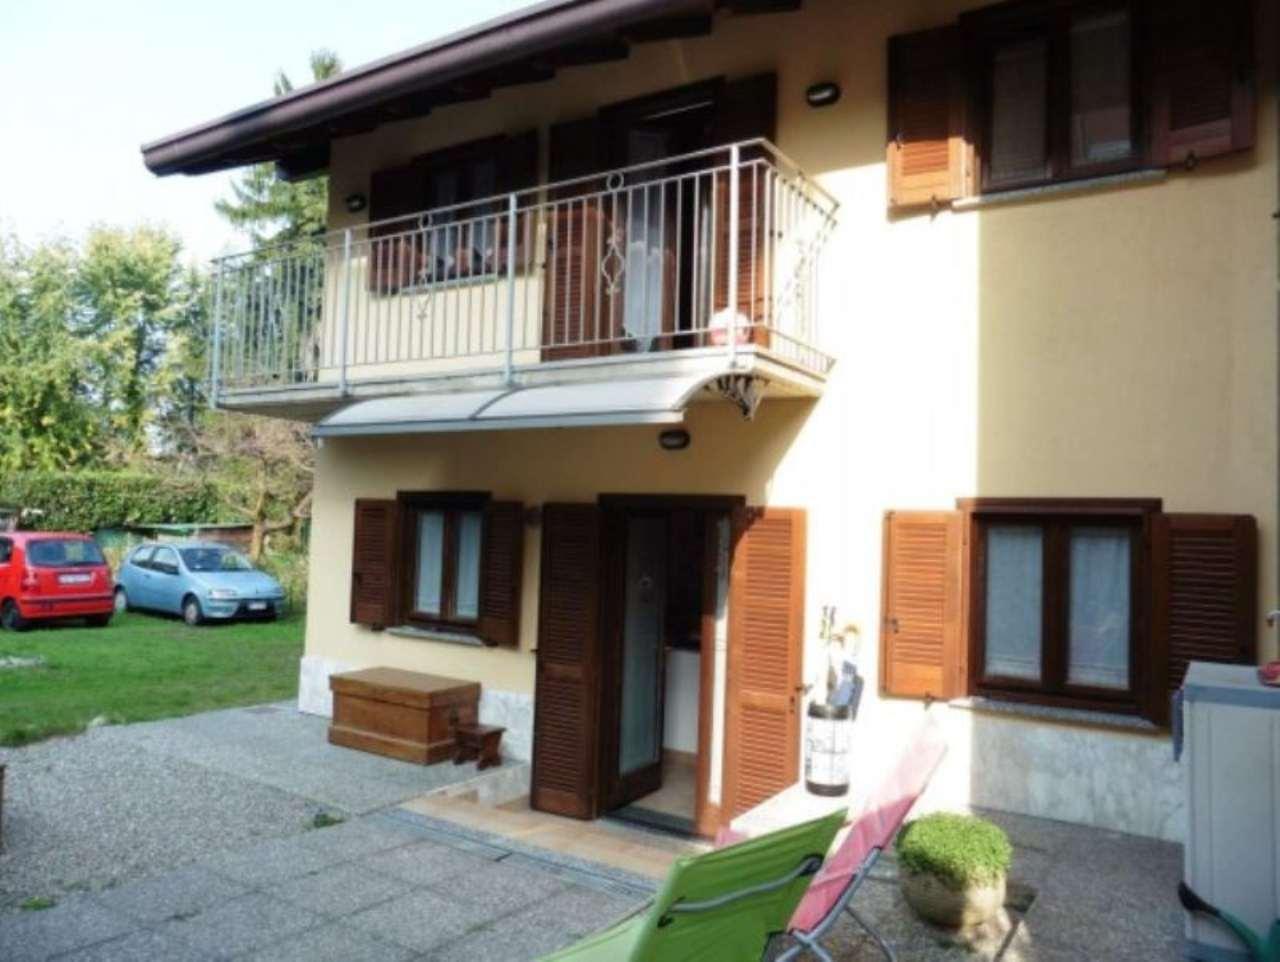 Soluzione Indipendente in vendita a Arona, 3 locali, prezzo € 175.000 | Cambio Casa.it